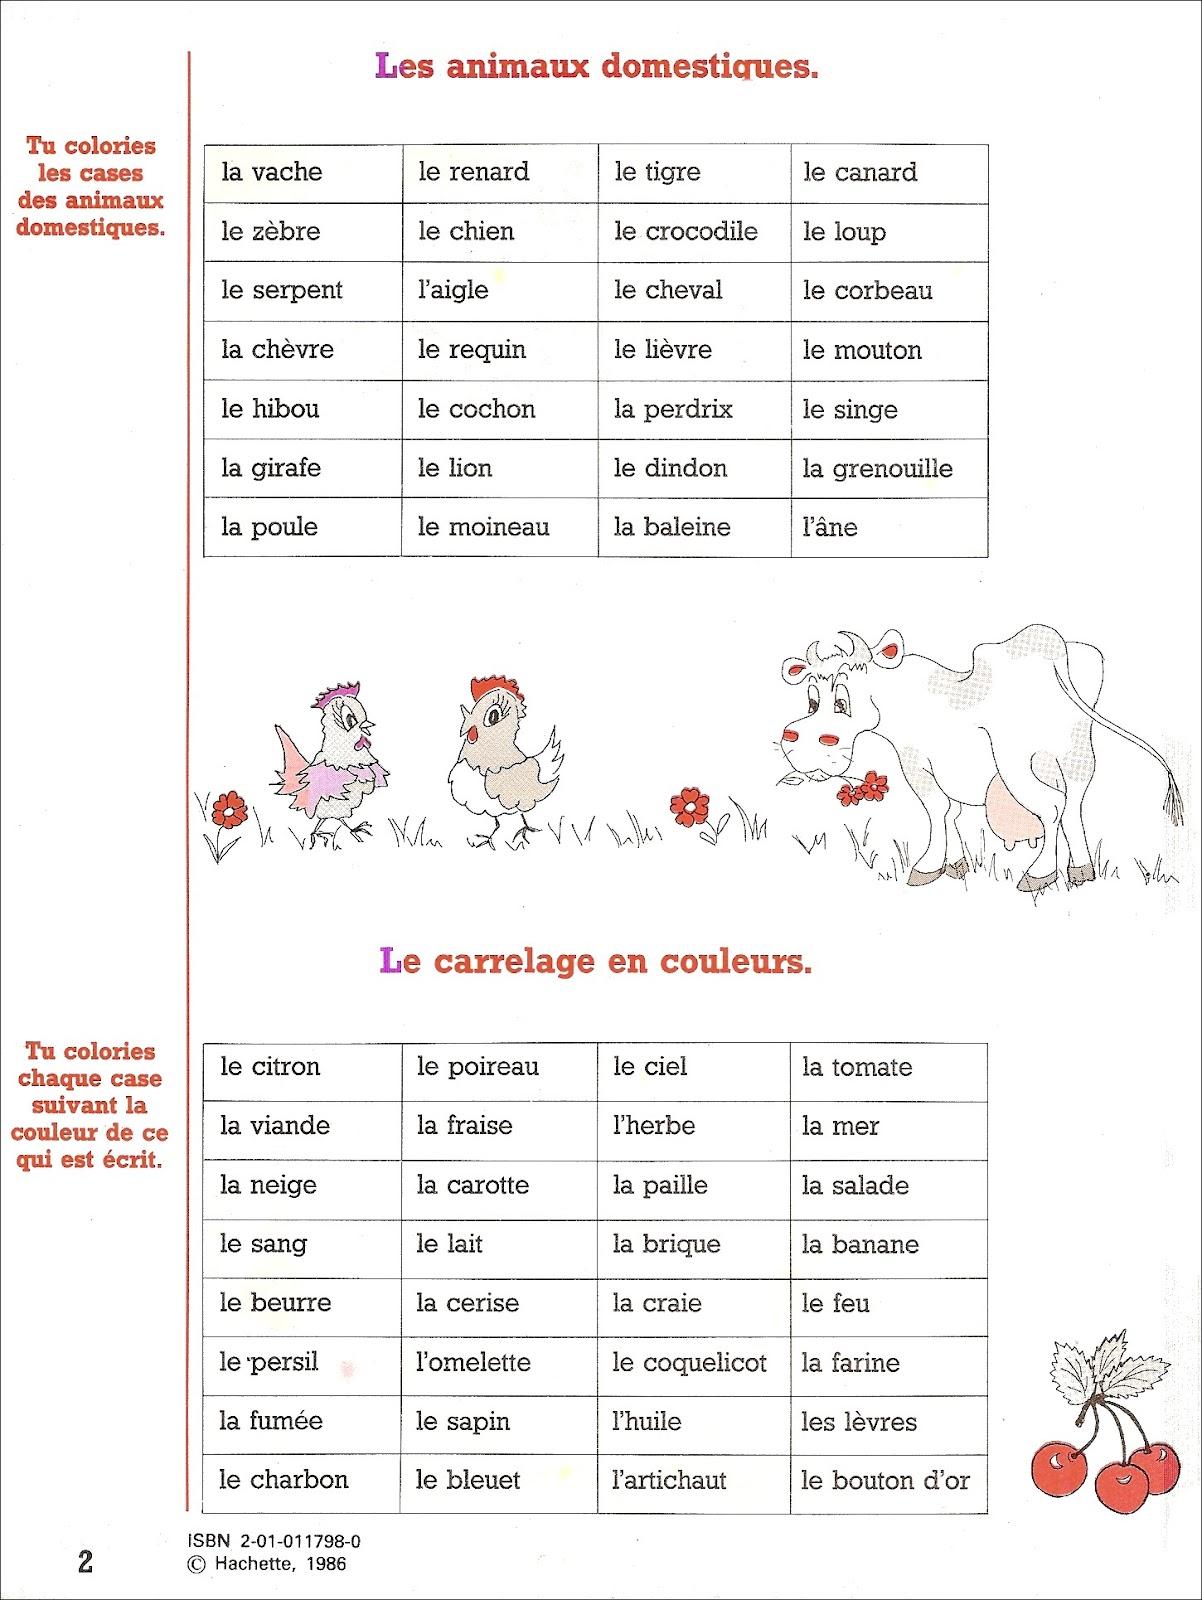 abas 3 scoring manual pdf